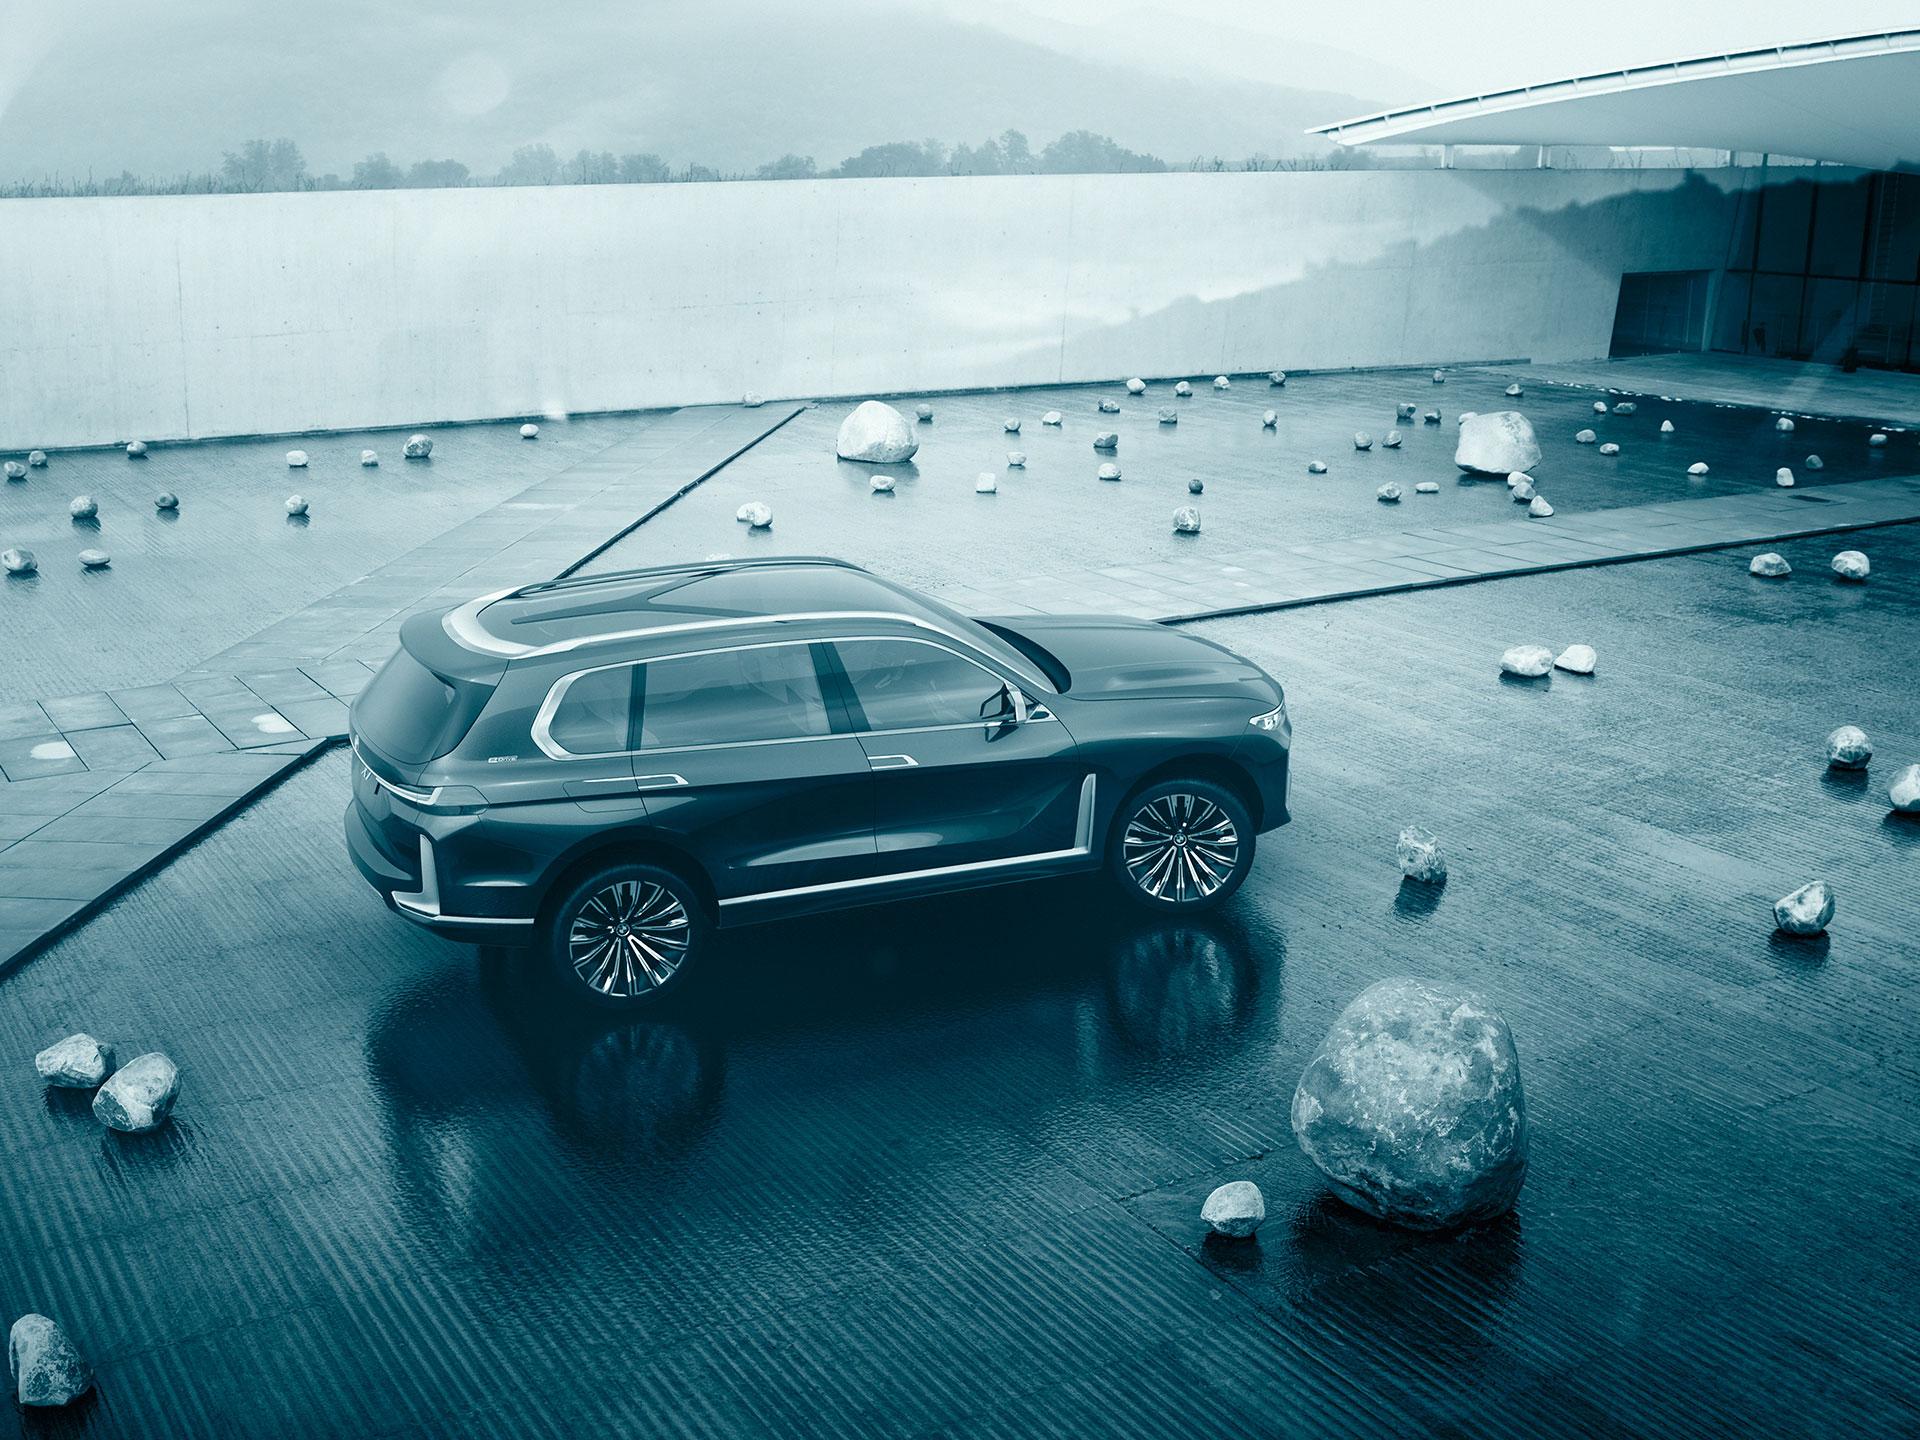 El CONCEPT X7 iPERFORMANCE, es el término de la nueva camioneta doméstico de BMW que veremos en ciertos años. Tiene 06 lugares para pasajeros y su tren motriz sera híbrido enchufable. Se espera que la nueva X7, modelo de producción de donde se desprende éste concepto, se presente el cercano año. Foto: BMW